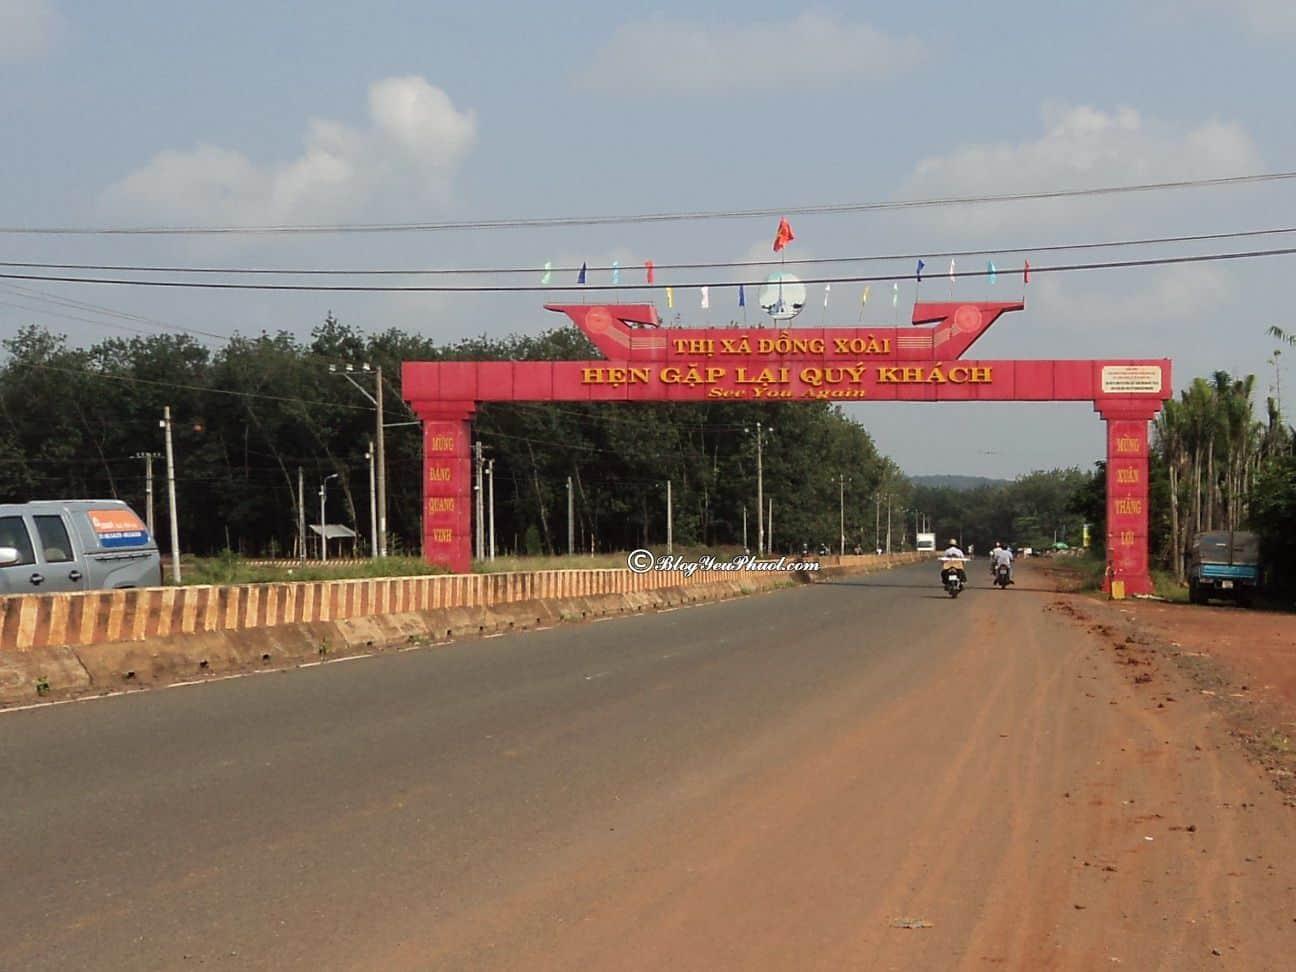 Từ Sài Gòn đi Đồng Xoài bao nhiêu km?